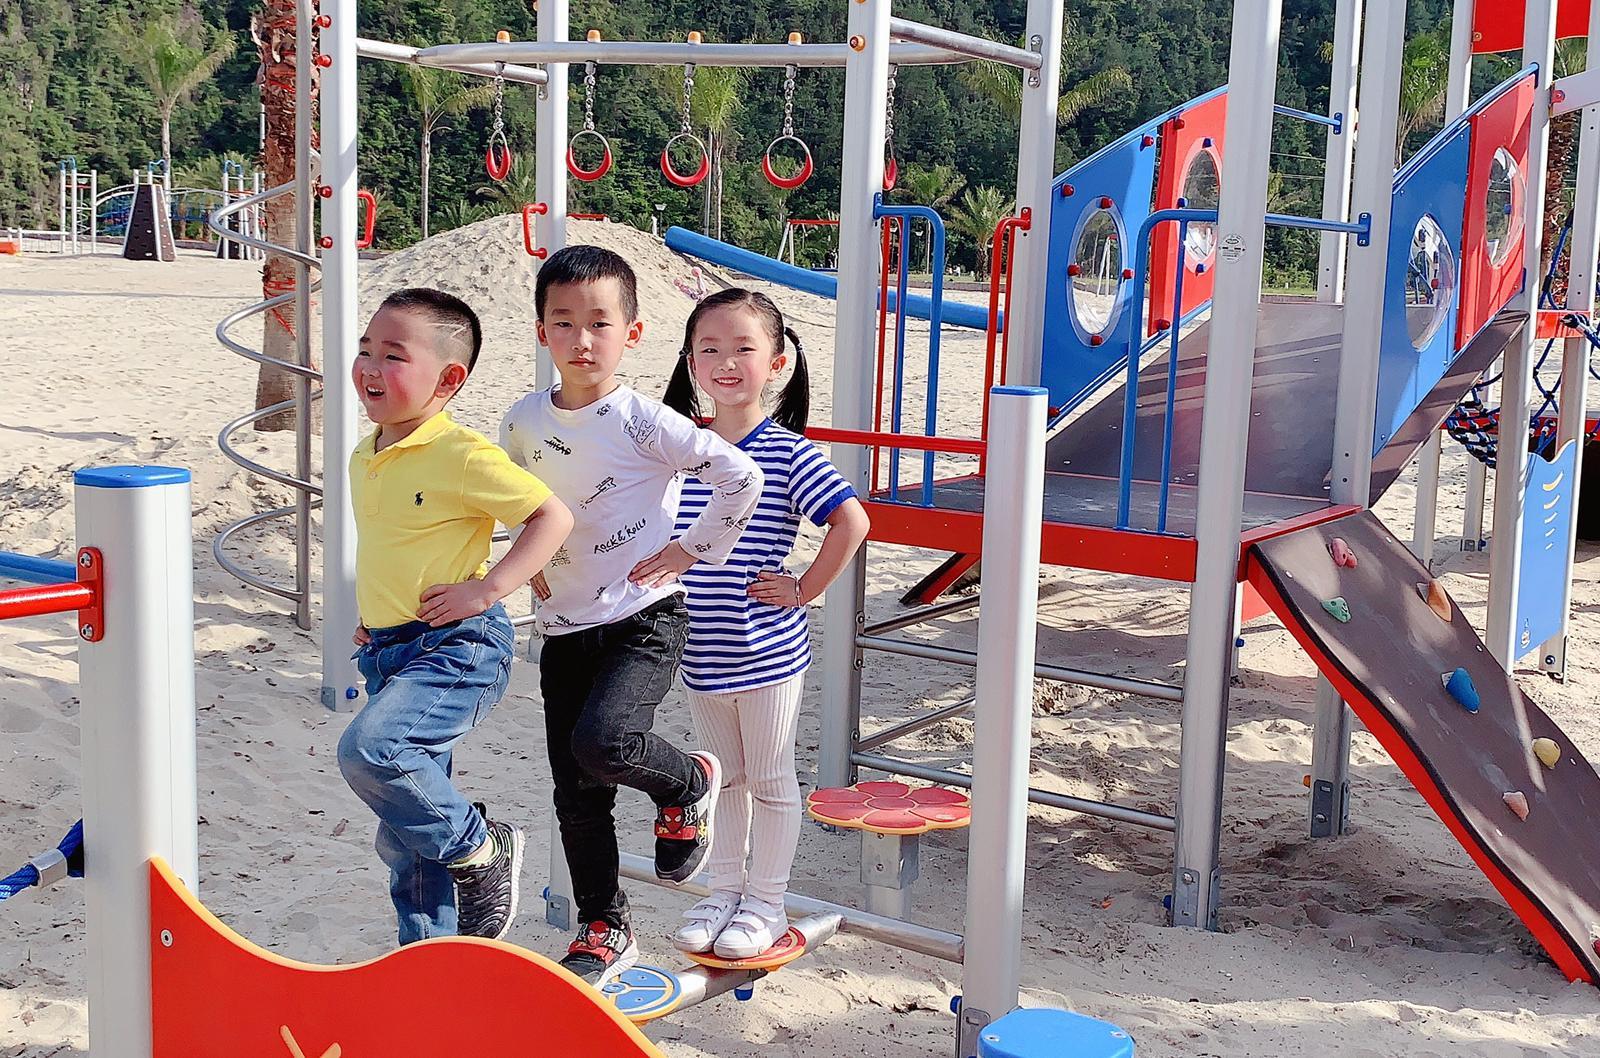 Parchi giochi Pozza in Cina, Oggi